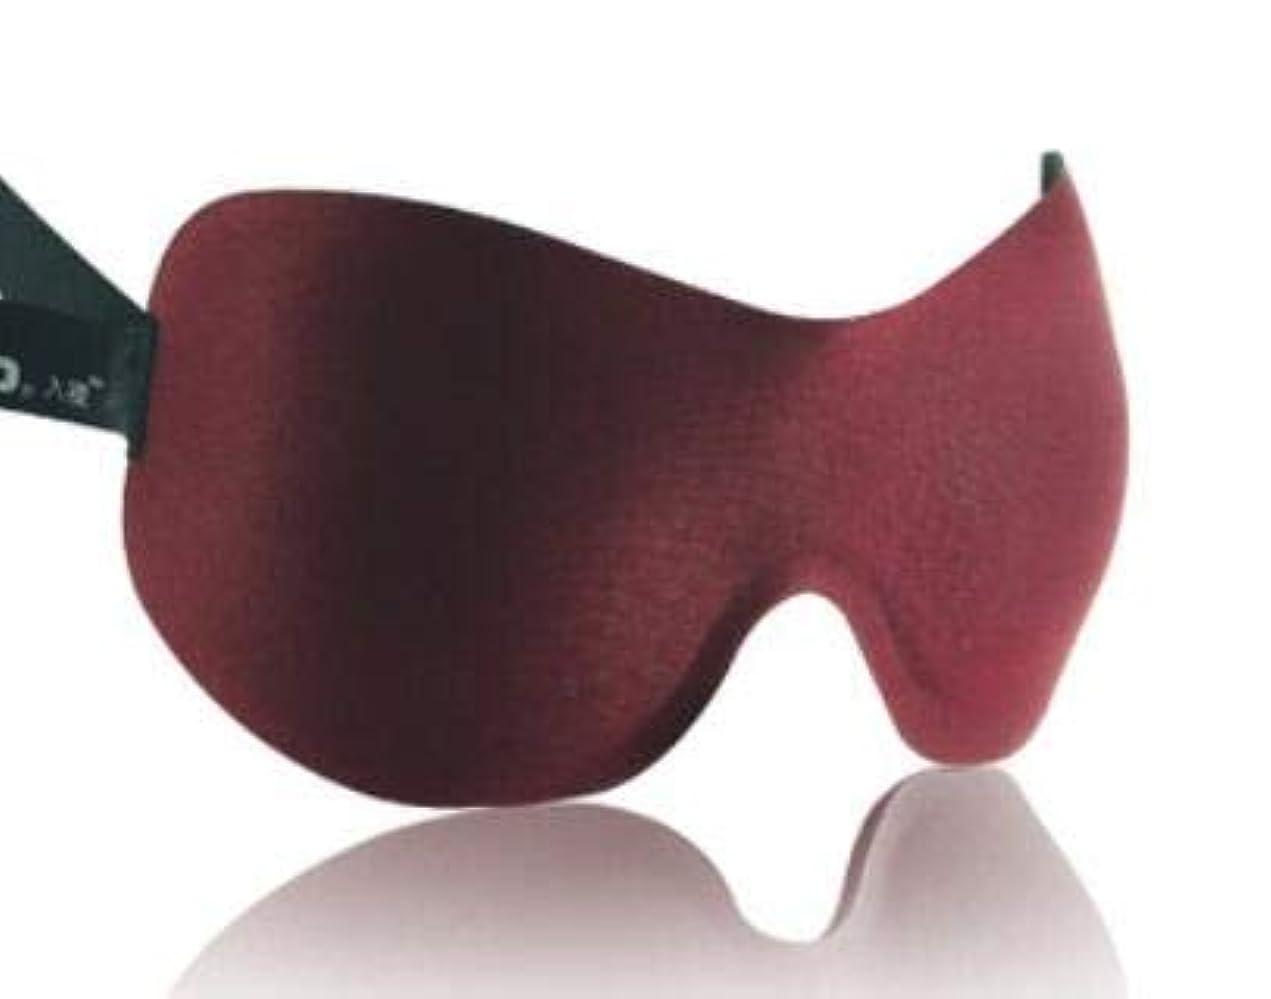 飛ぶサイトラインレプリカNOTE 睡眠ゴーグルを昼寝耳栓付き男性と女性をプラグイン3Dアイシェード睡眠アイマスク